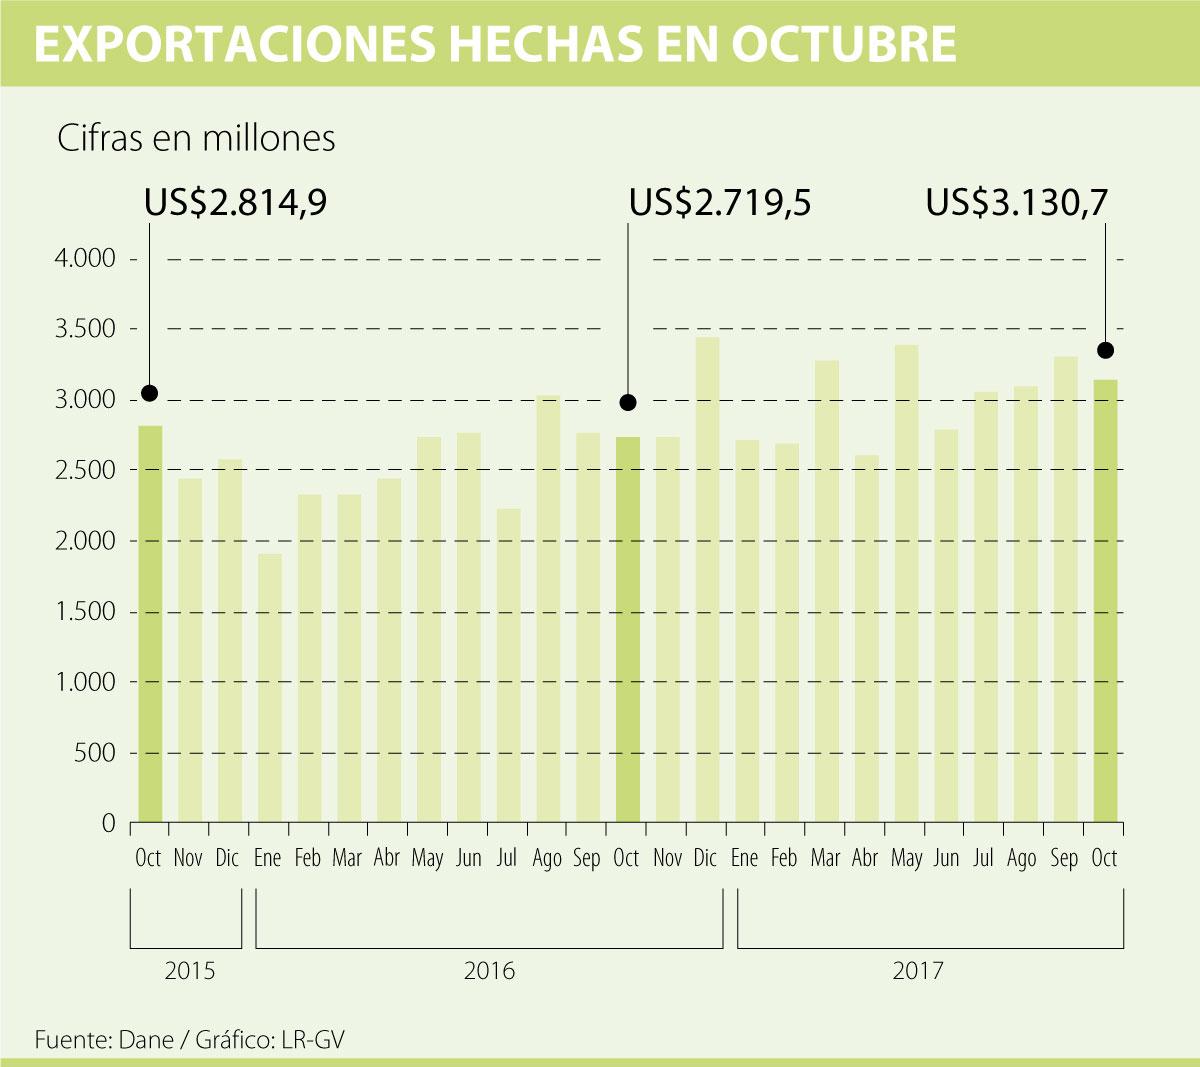 Exportaciones crecieron 15,1% en octubre